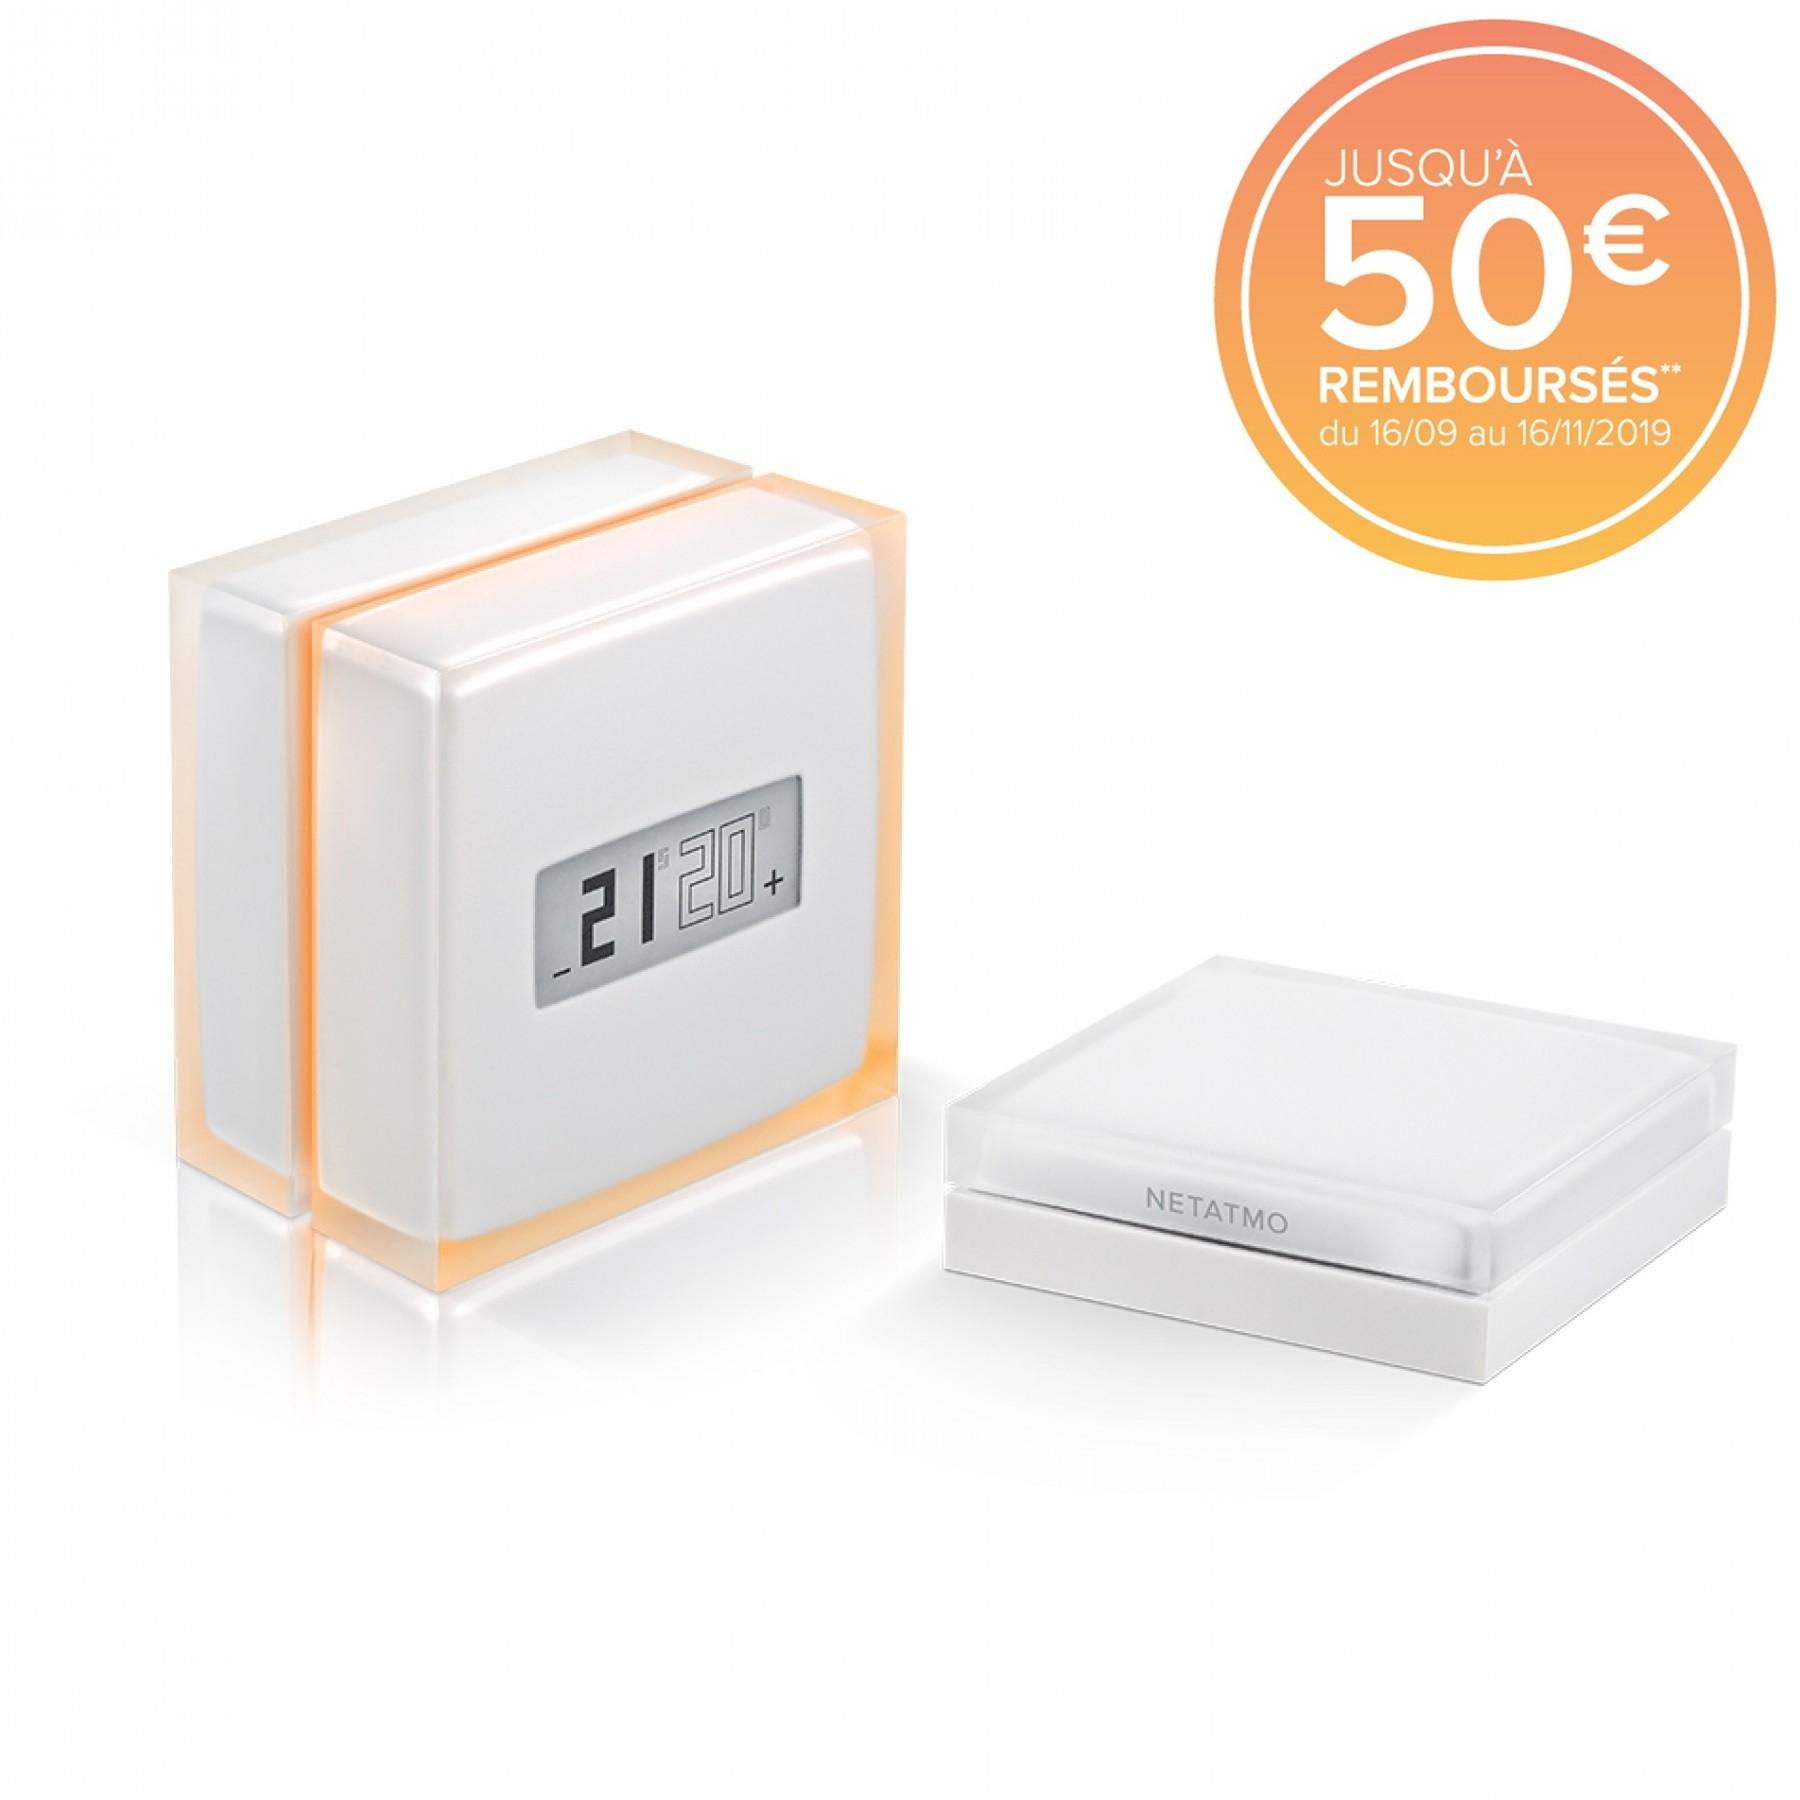 Jusqu'à 50€ remboursé sur la gamme Netatmo - Ex : Thermostat intelligent (via ODR de 30€)